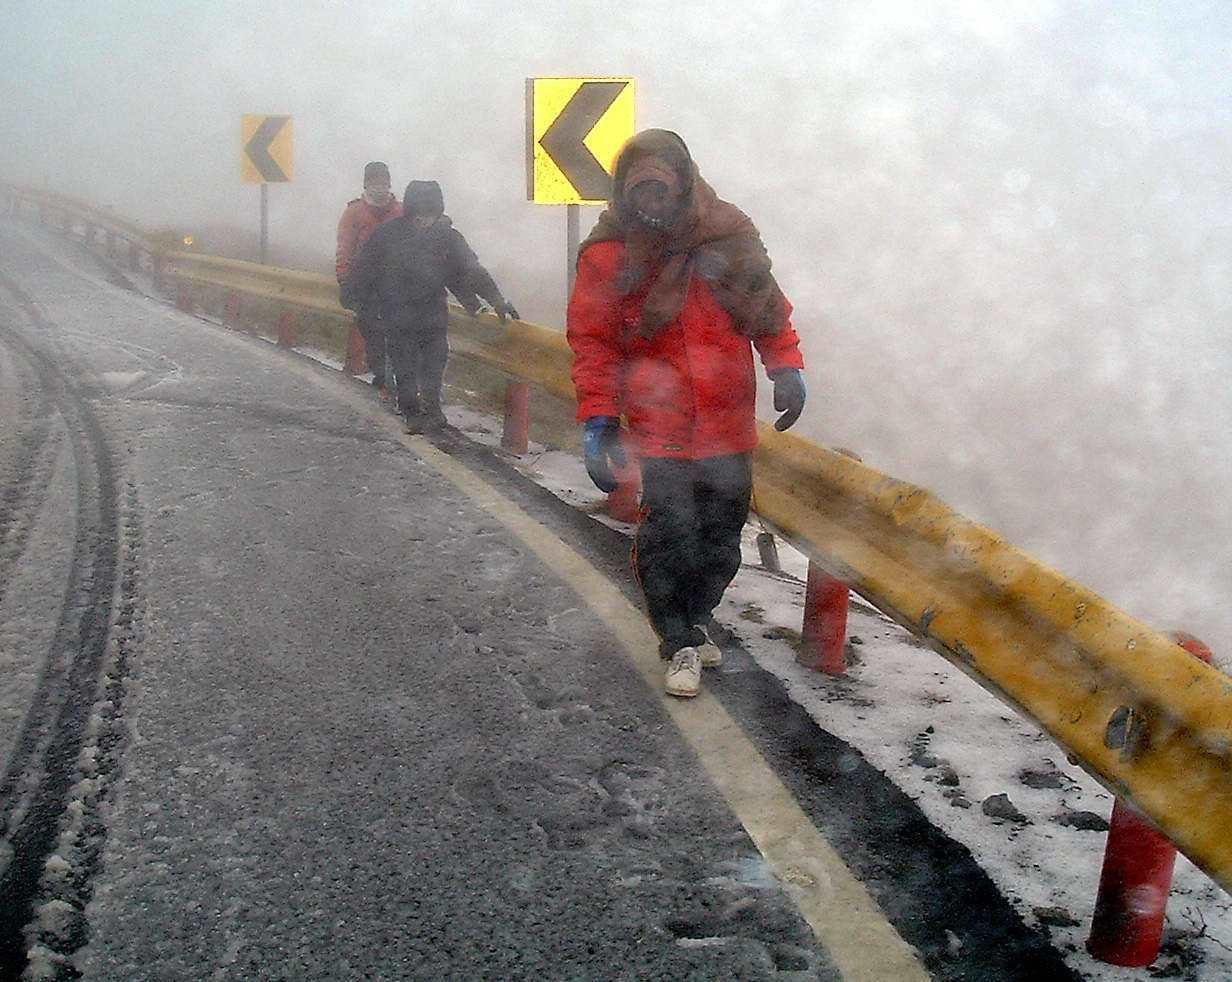 低溫造成合歡山路段入夜馬路恐結冰,為行車安全,公路總局今傍晚起執行預警封路。圖/...